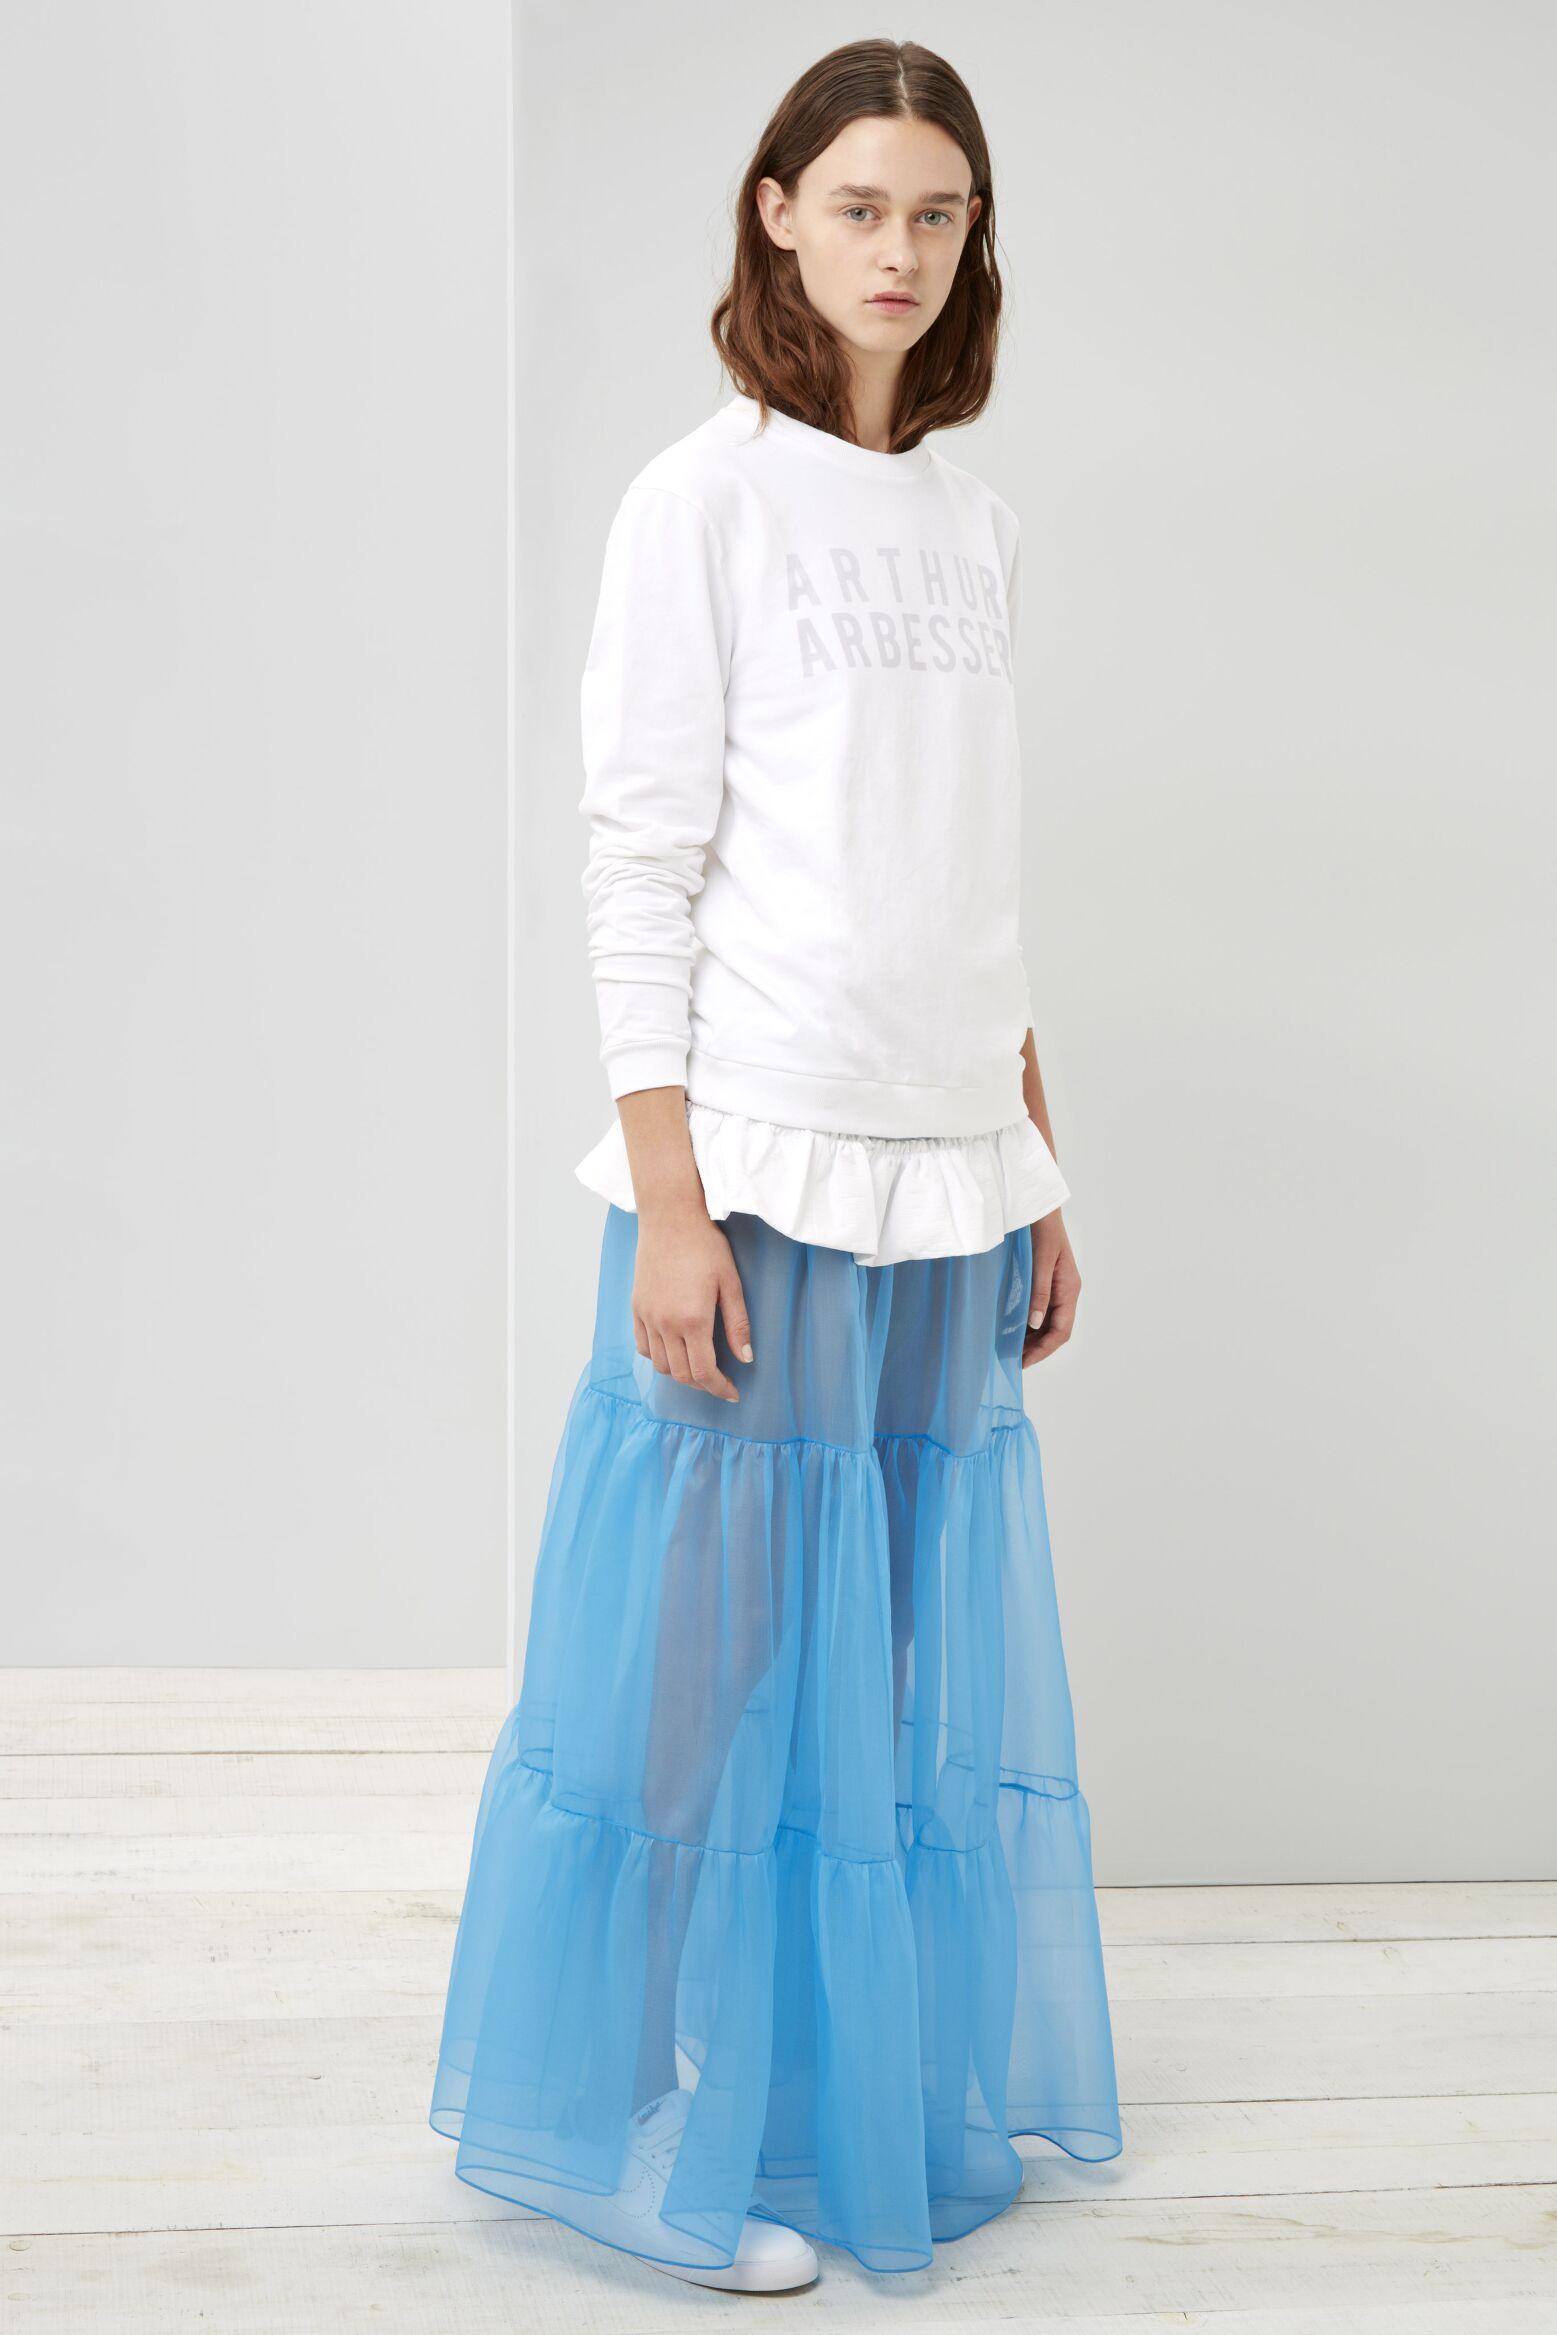 Arthur Arbesser Woman Milan Fashion Week